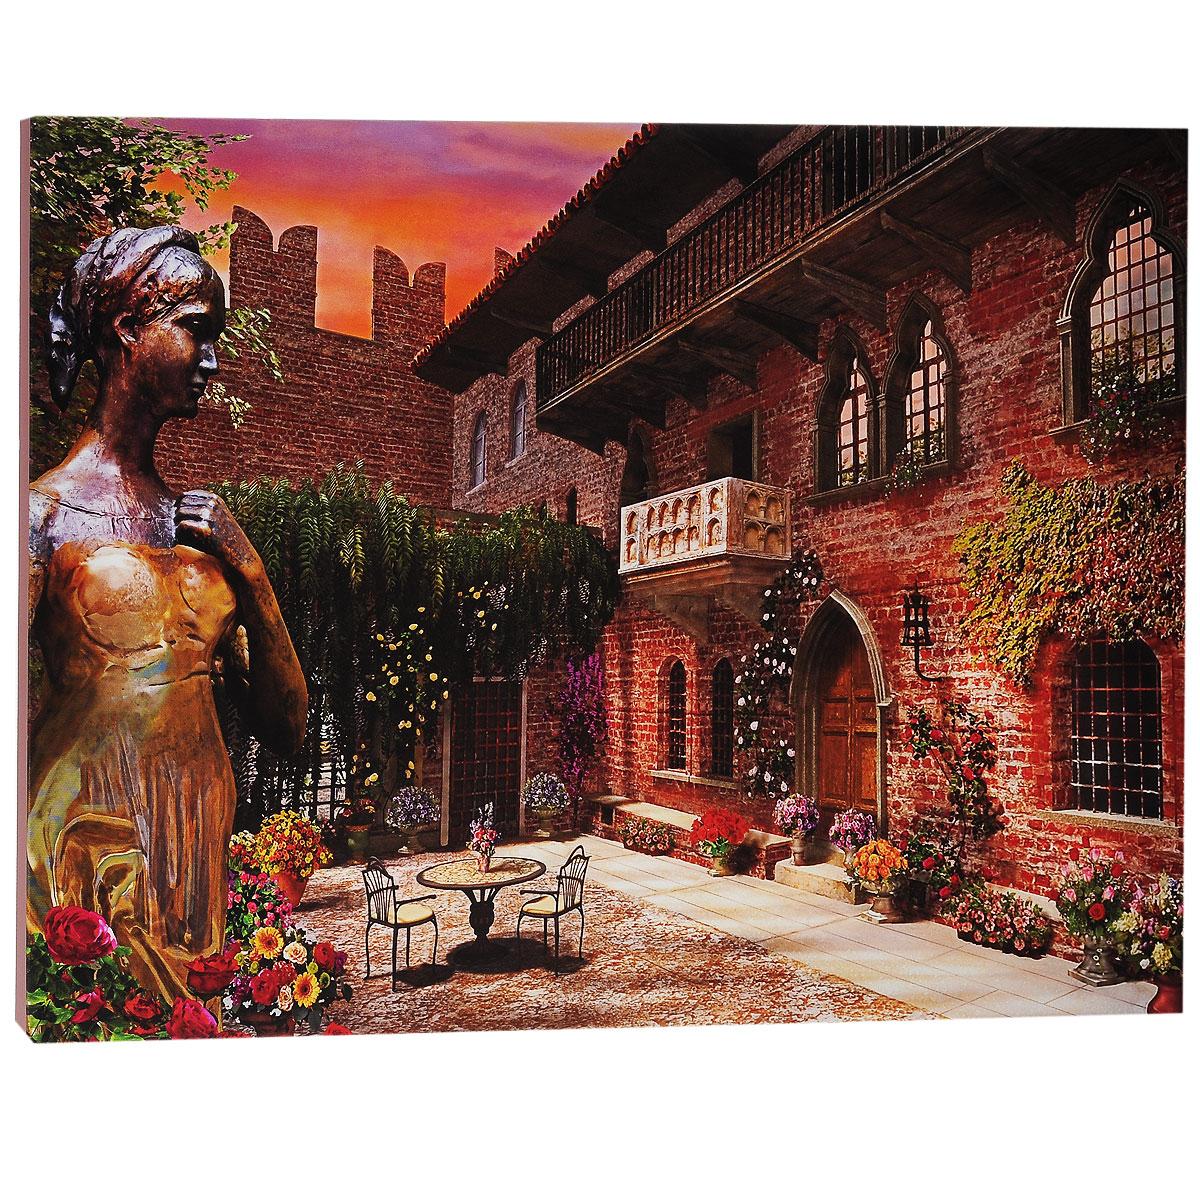 КвикДекор Картина на холсте Верона Джульетты, 60 см х 40 смAP-00607-20612-Cn6040Картина на холсте КвикДекор Верона Джульетты - это прекрасное украшение для вашей гостиной или спальни. Она привнесет в интерьер яркий акцент и сделает обстановку комфортной и уютной. Доминик Дэвисон создает свои картины, используя компьютер и 3D-графику. Большое влияние на творчество Дэвисона оказал голландский пейзажист Баренд Корнелис Куккук, именно поэтому в его работах преобладают эстетические мотивы голландской романтической школы. Доминик создает изумительные картины коттеджей, сельских пейзажей и городов. Его работы красивы, выдержаны и обогащены множеством деталей. Работы Доминика опубликованы в журналах 3Д Художники и Фотошоп для продвинутых, также он ведет регулярную рубрику (колонку) в журнале 3Д Художники. Доминик - мастер Vue, программы, широко используемой в архитектуре, анимации, и являющейся важнейшим компонентом рабочего процесса для многих ведущих компаний и студий. Картина на холсте КвикДекор Верона Джульетты не нуждается в рамке или багете -...